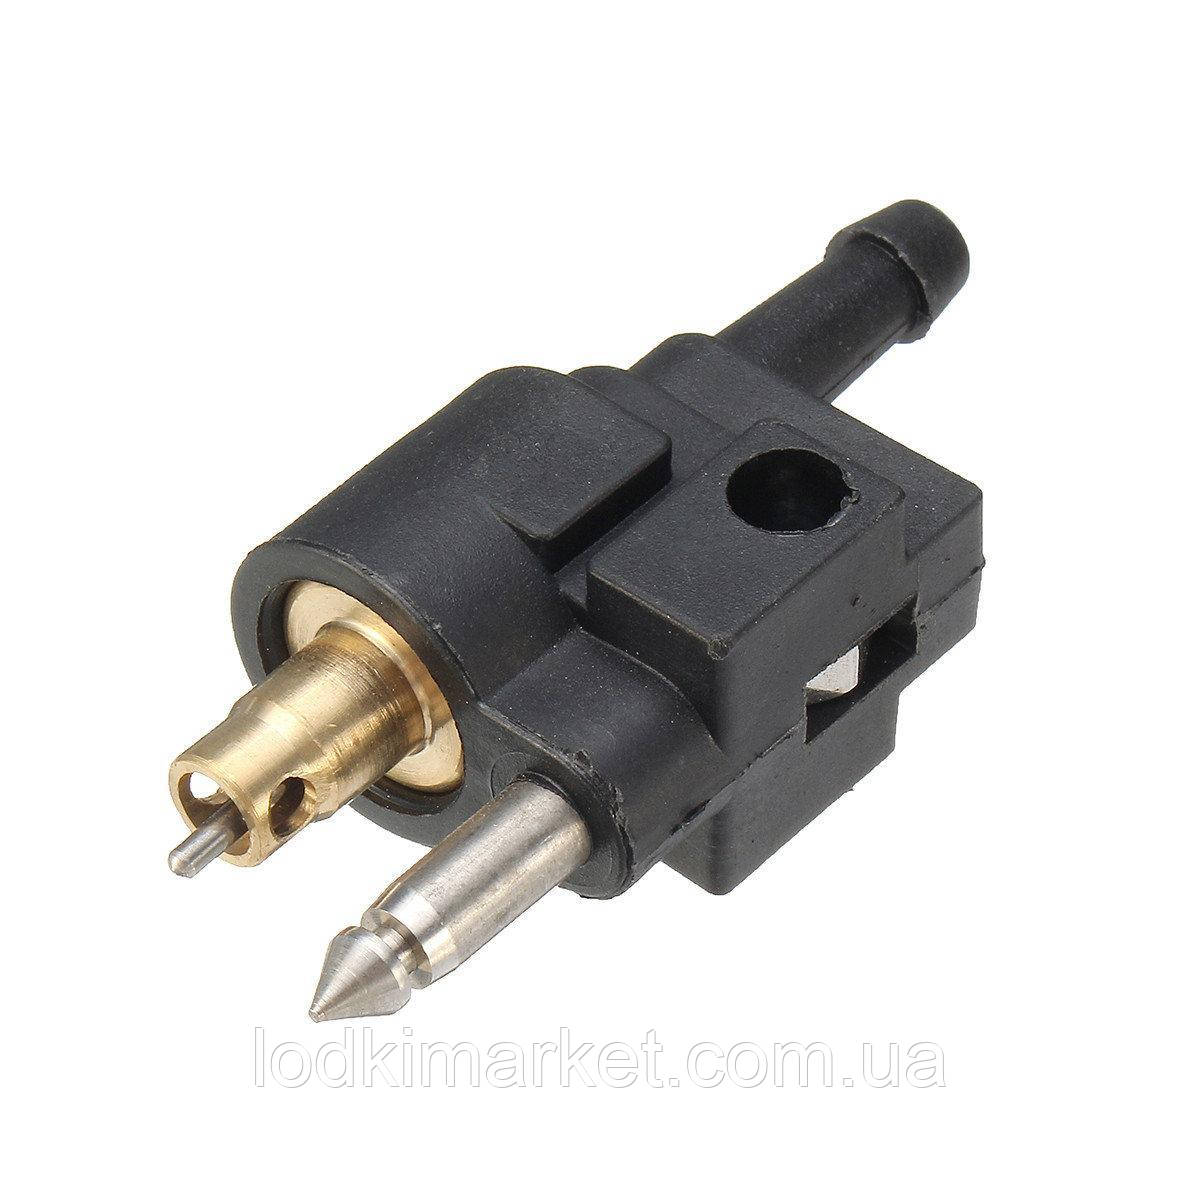 """Топливный коннектор """"папа"""" для моторов Mercury, Yamaha, Parsun, C14536"""